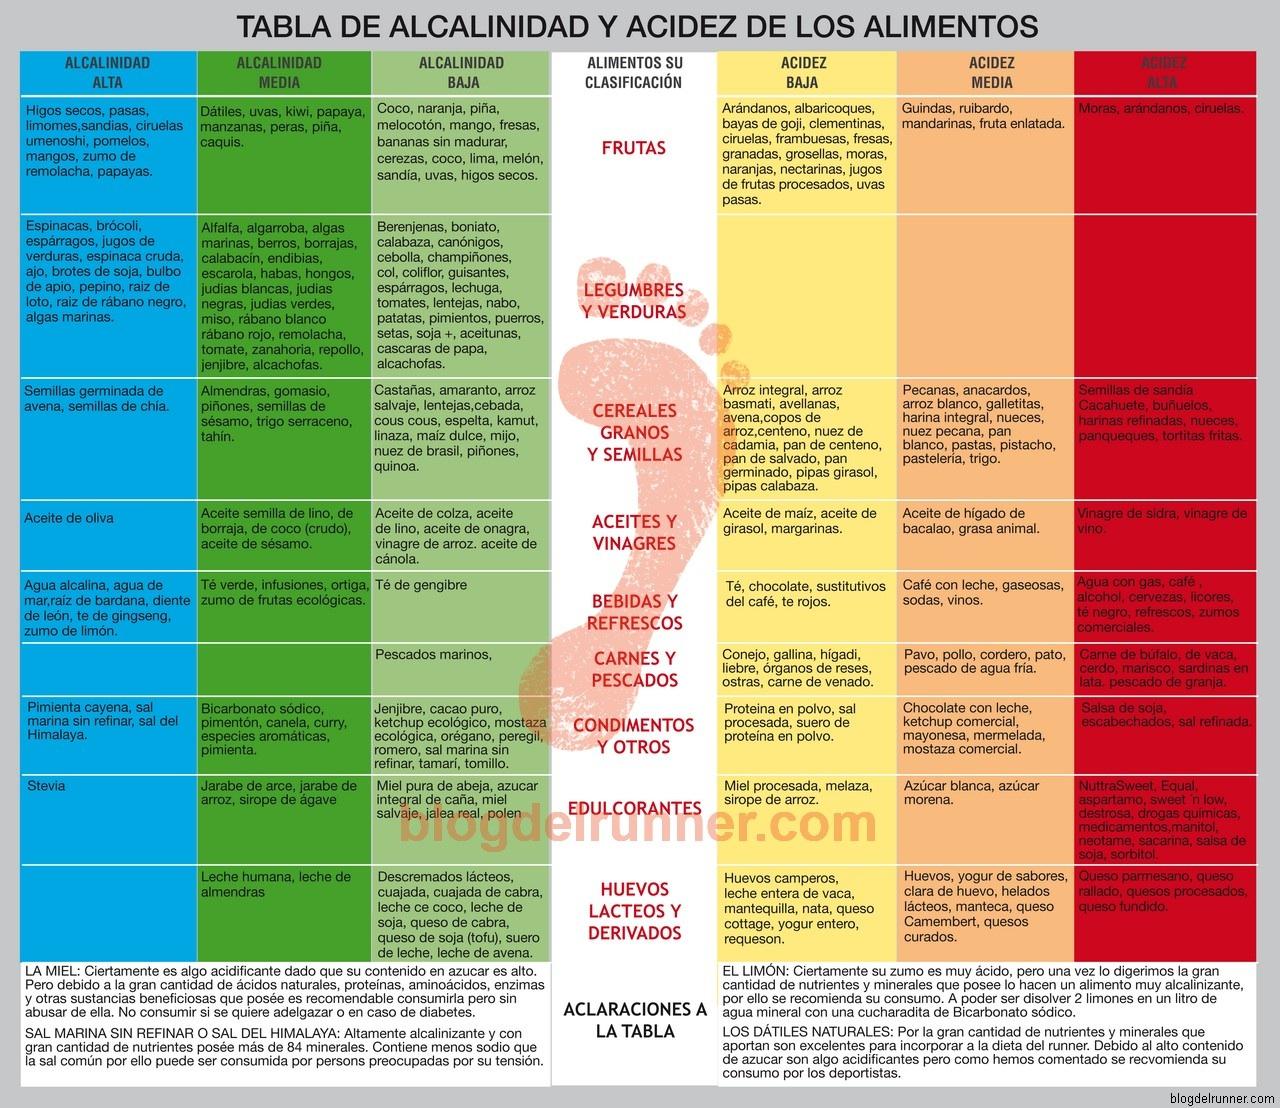 Equilibra tu cuerpo limpia tu energ a for Tabla de alimentacion para peces cachama